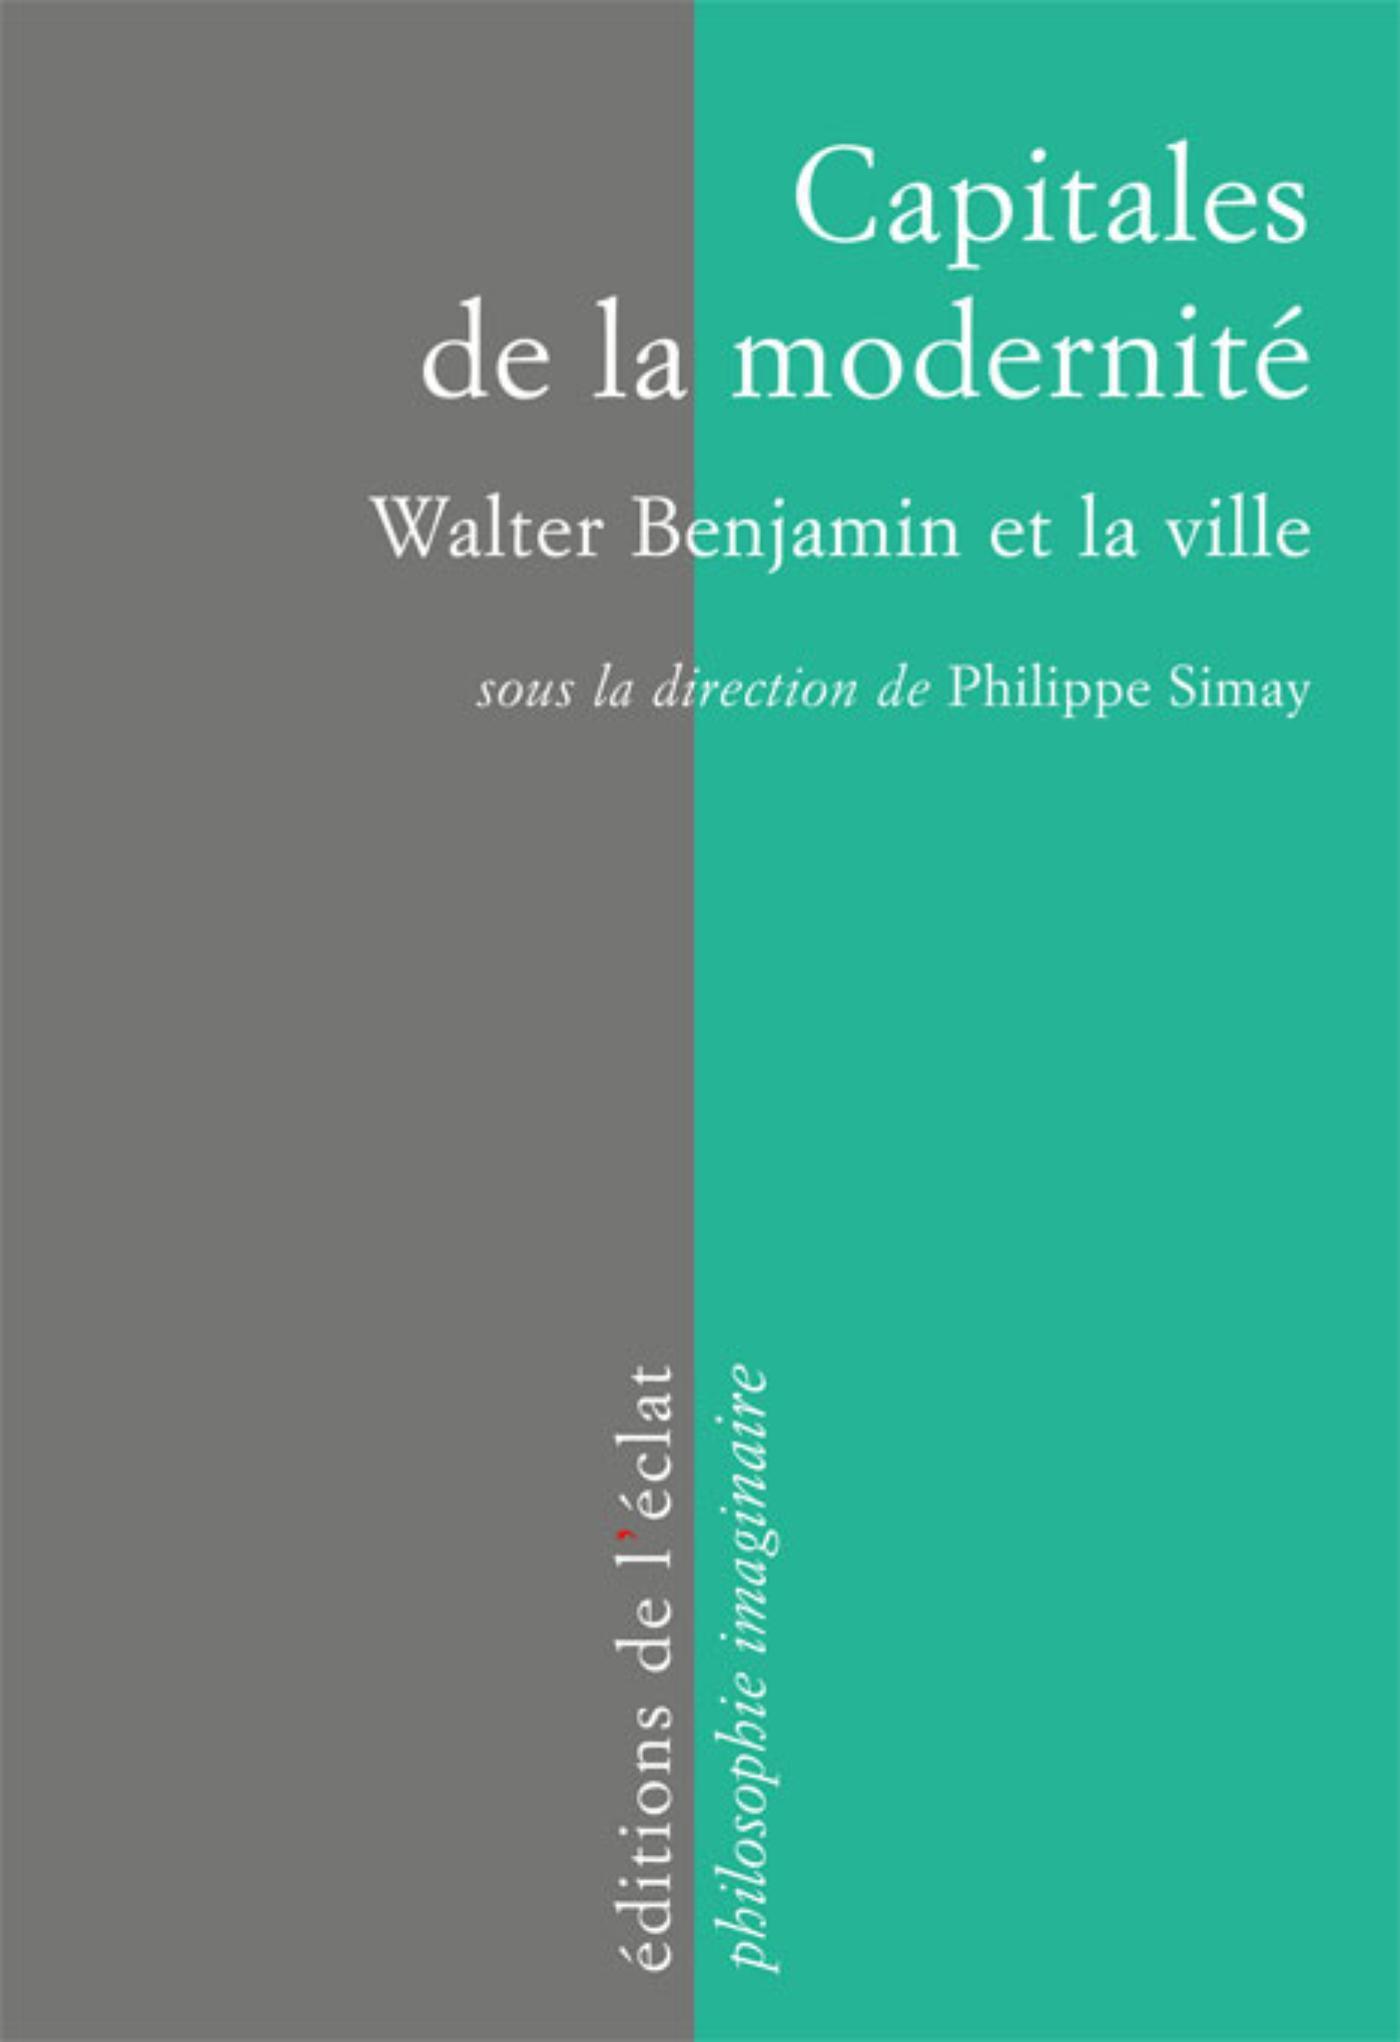 Capitales de la modernité, Walter Benjamin et la ville